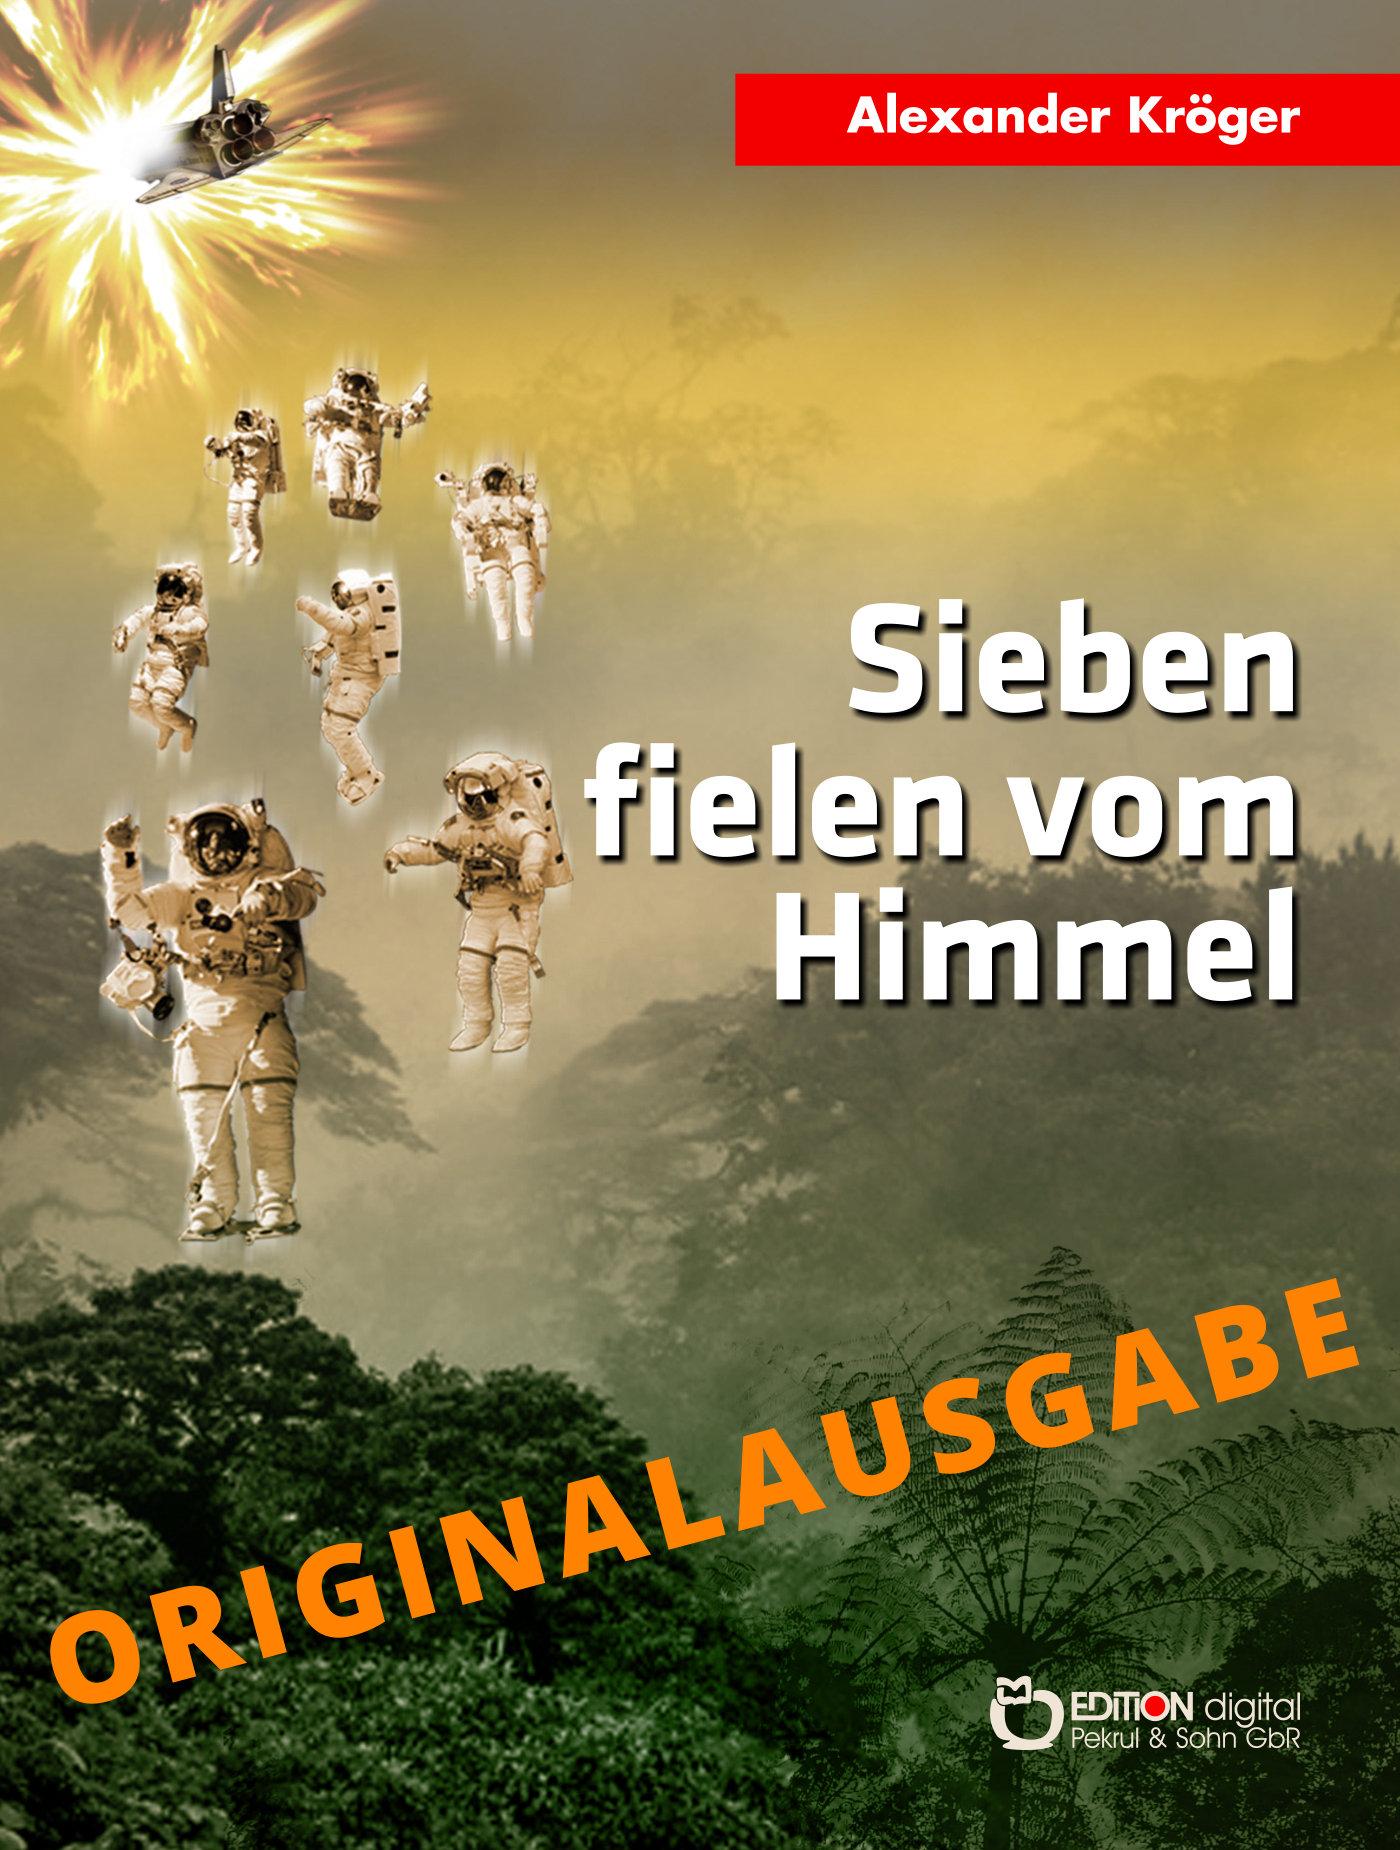 Sieben fielen vom Himmel - Originalausgabe.Wissenschaftlich-phantastischer Roman von Alexander Kröger